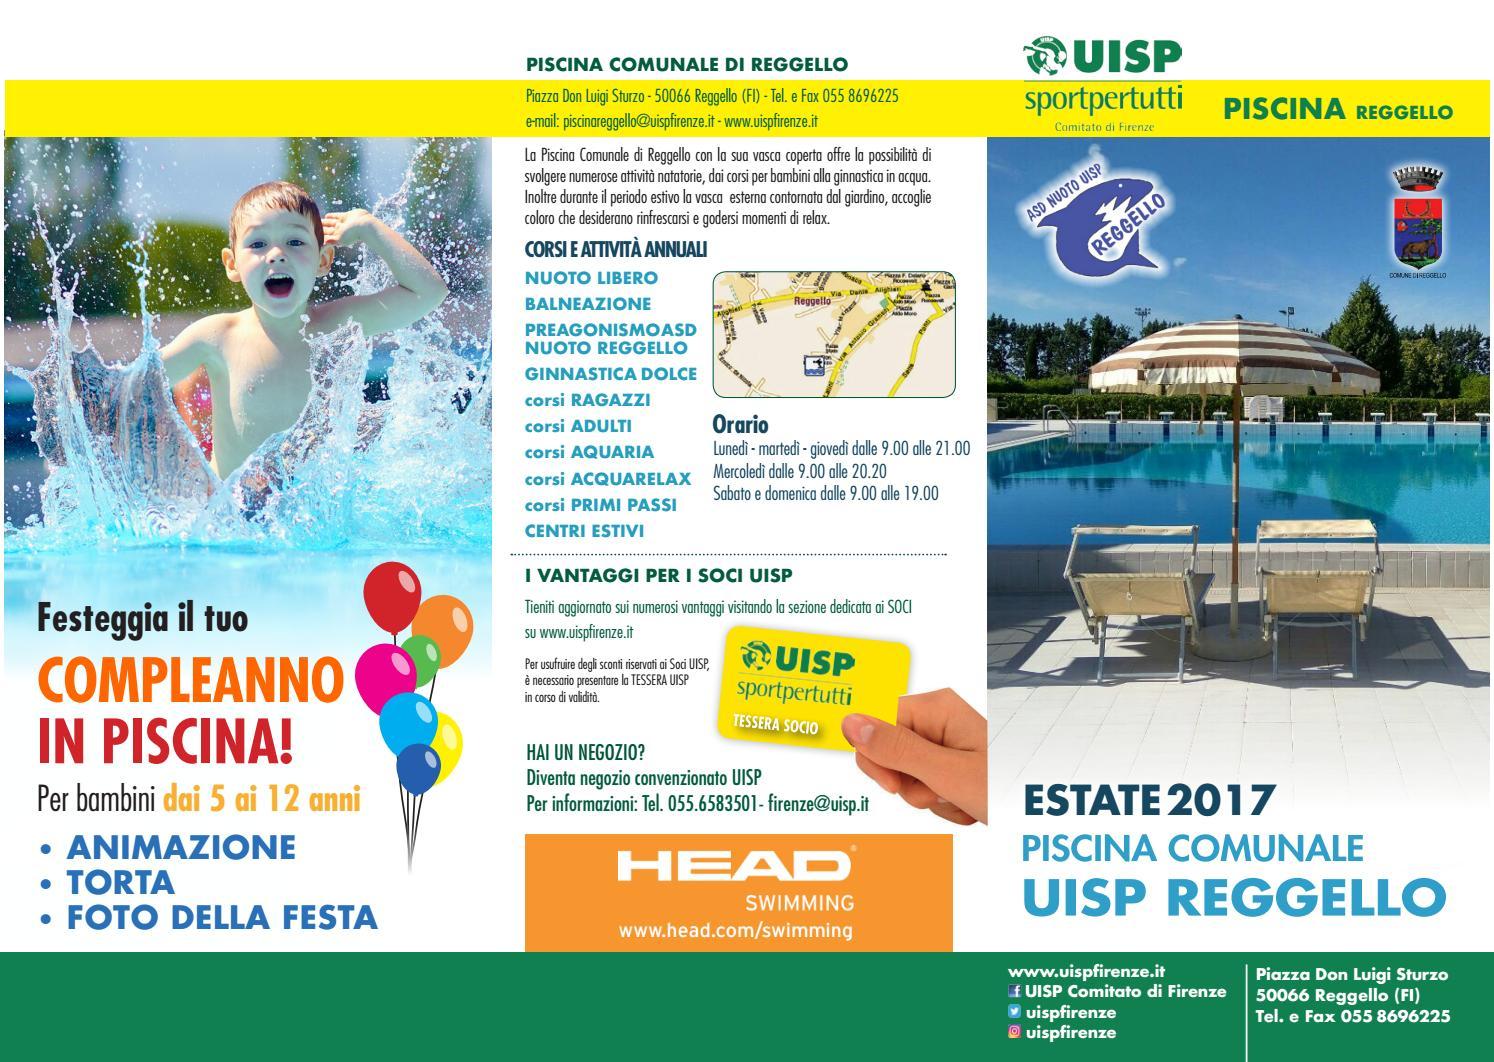 Piscina comunale di reggello estate 2017 by uisp - Corsi per neonati in piscina ...